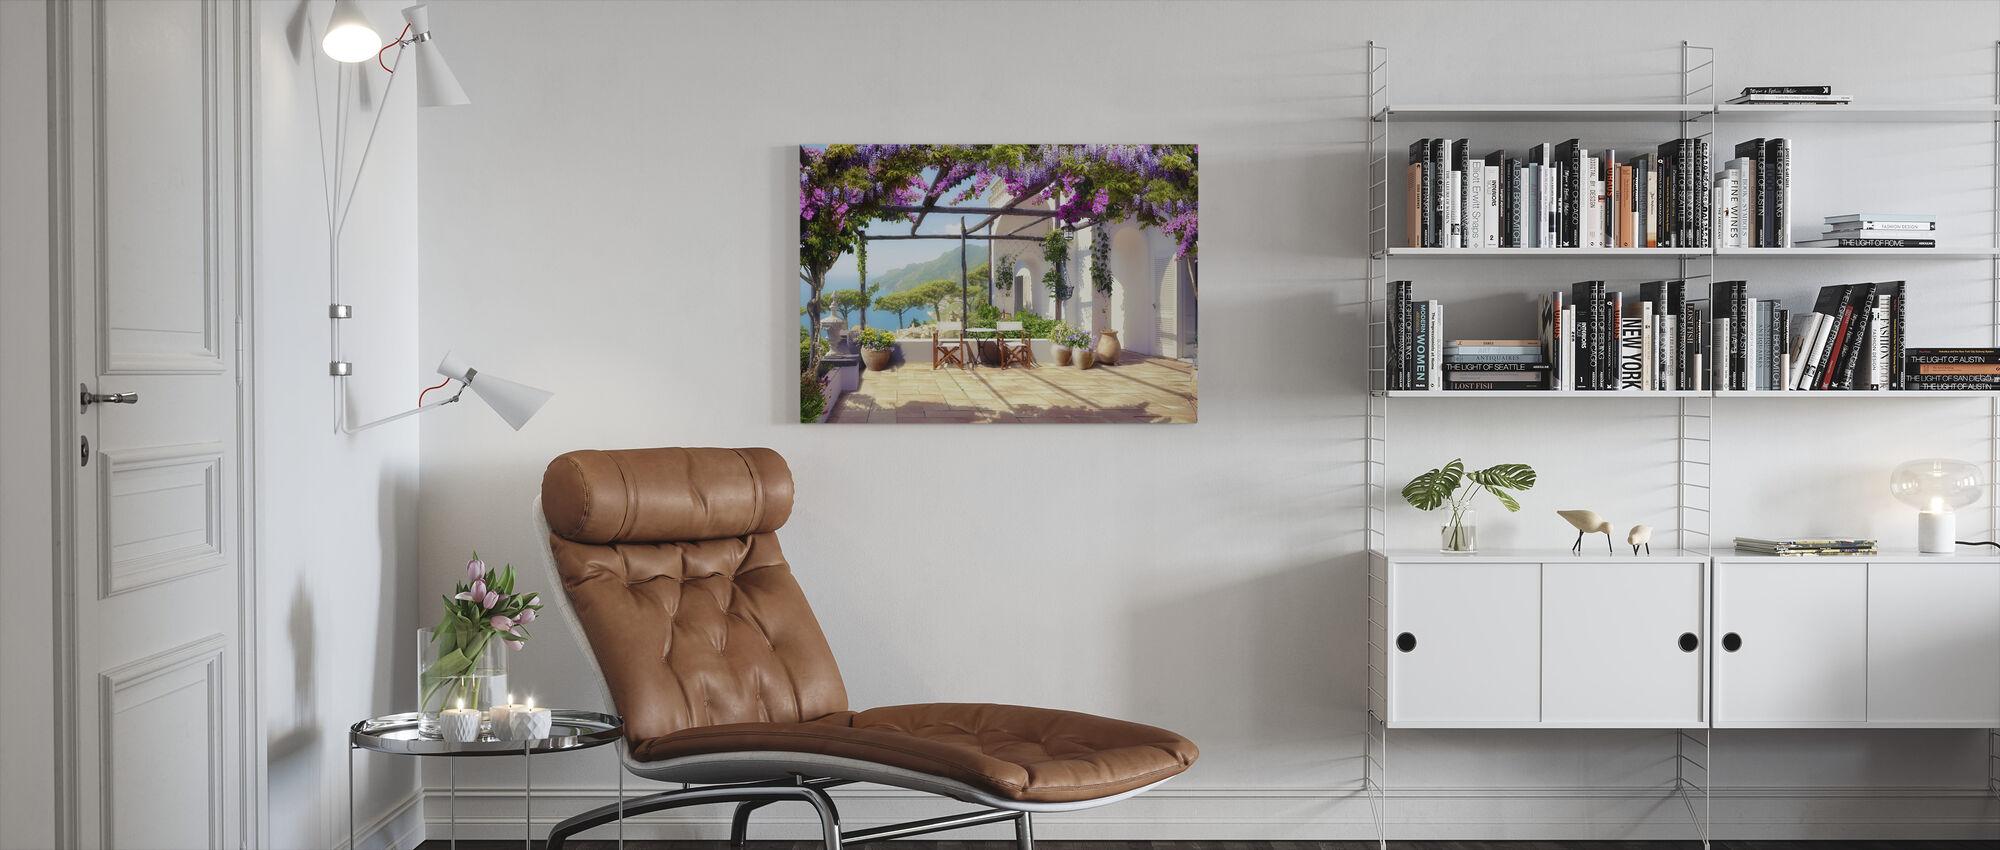 Blossom Patio - Canvas print - Living Room